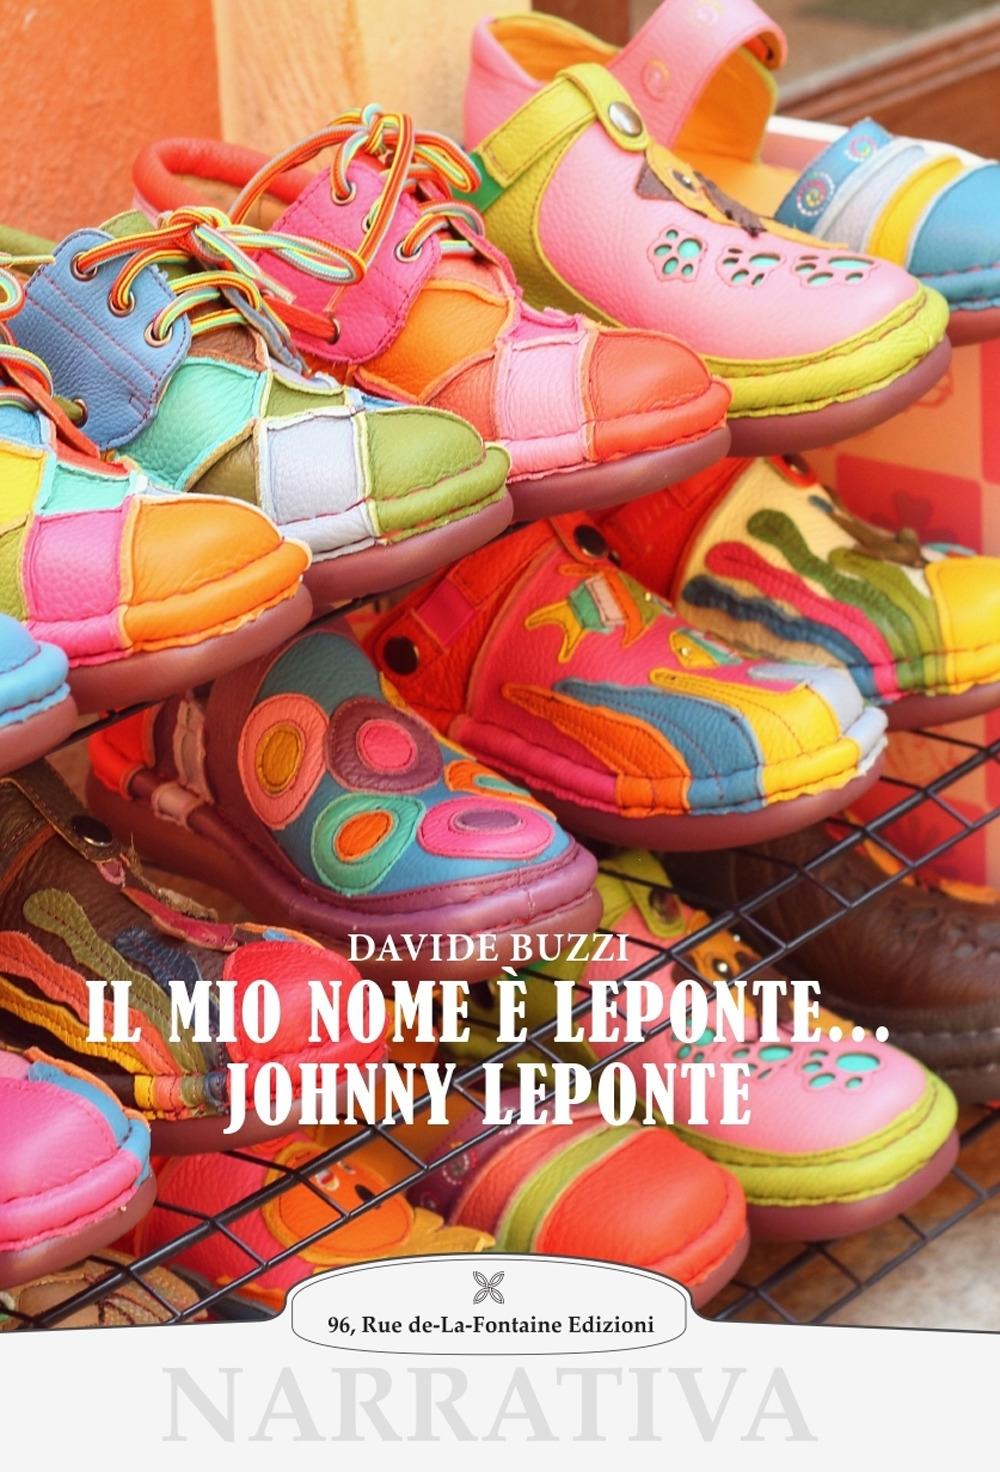 Il mio nome è leponte.. Johnny leponte